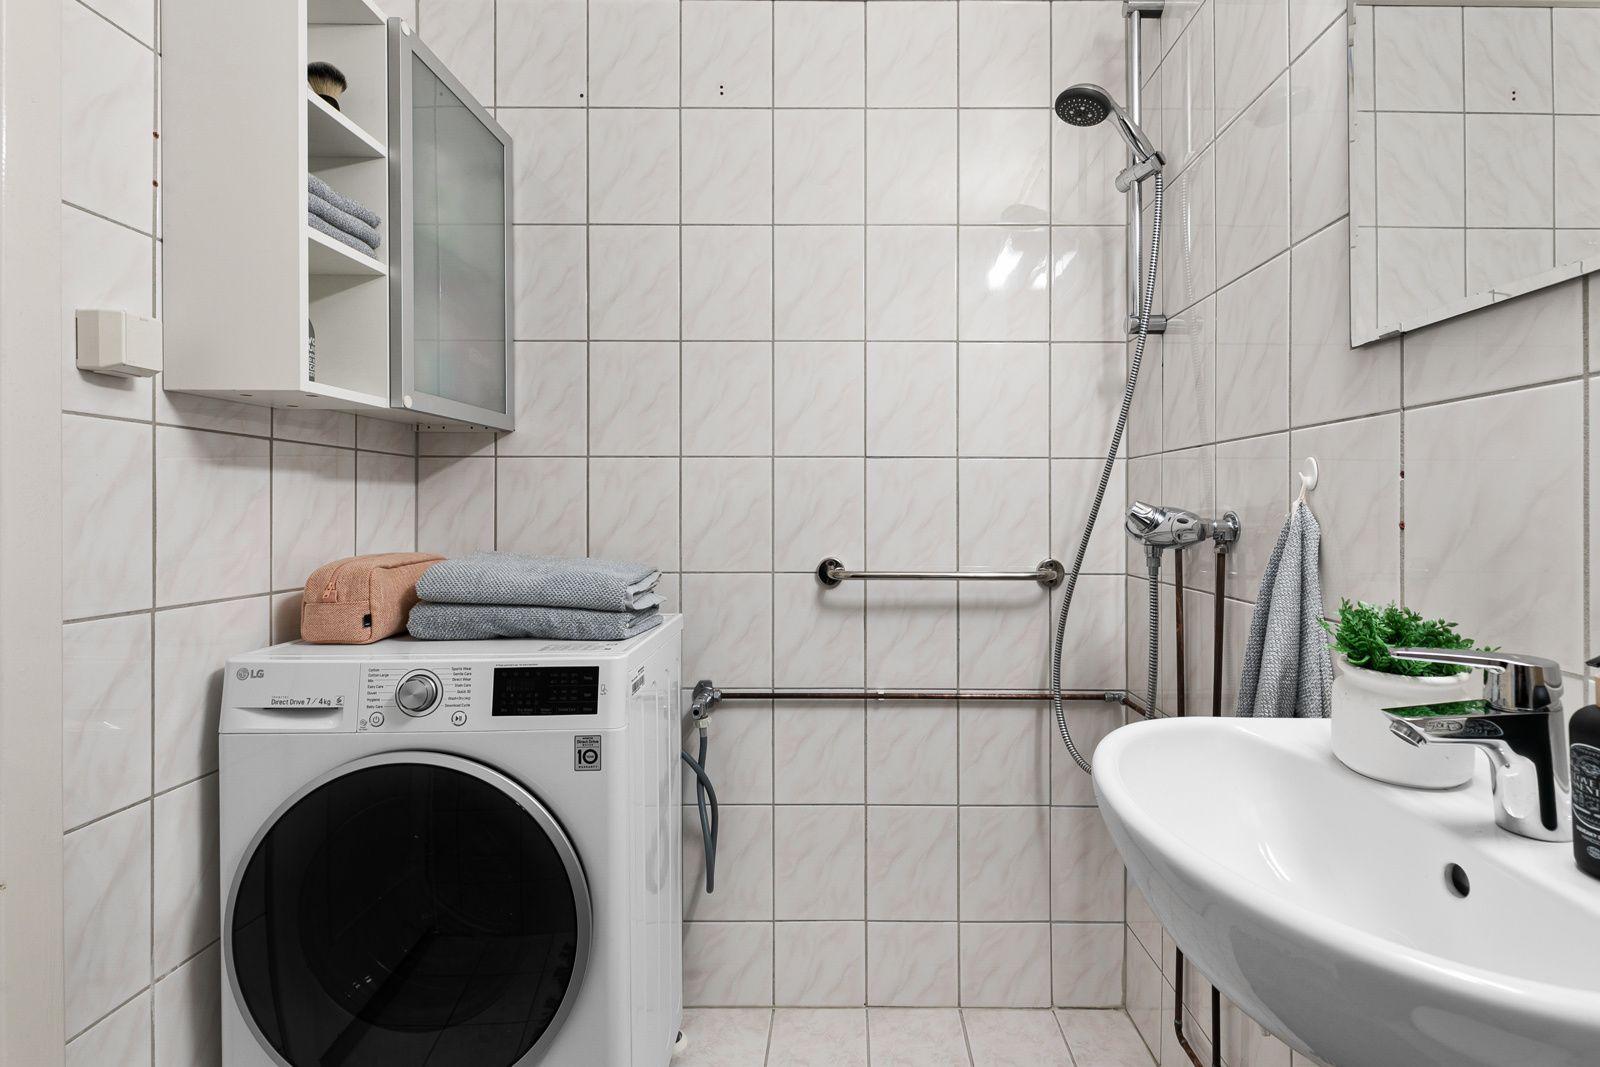 Etterstadsletta 81A Badet har oppkobling for vaskemaskin og gulvvarme